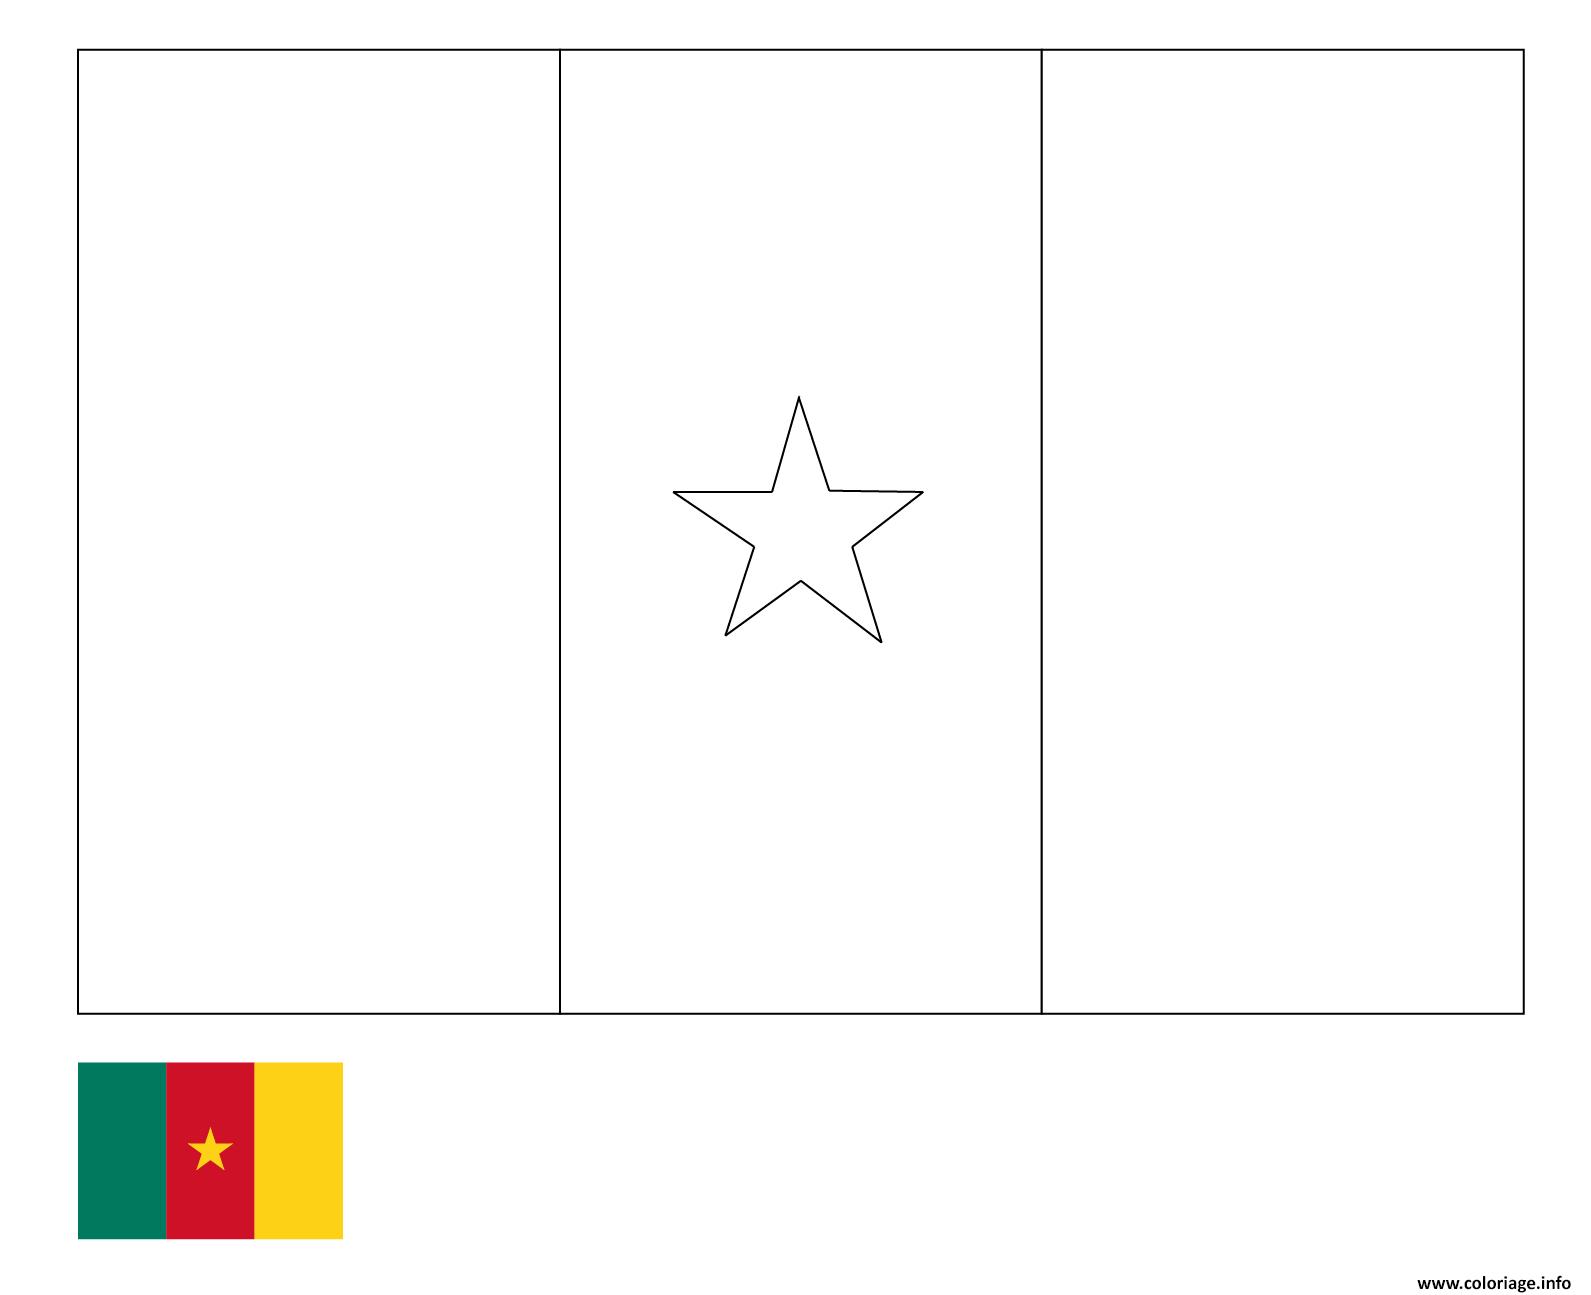 Dessin drapeau cameroun pays afrique centrale Coloriage Gratuit à Imprimer